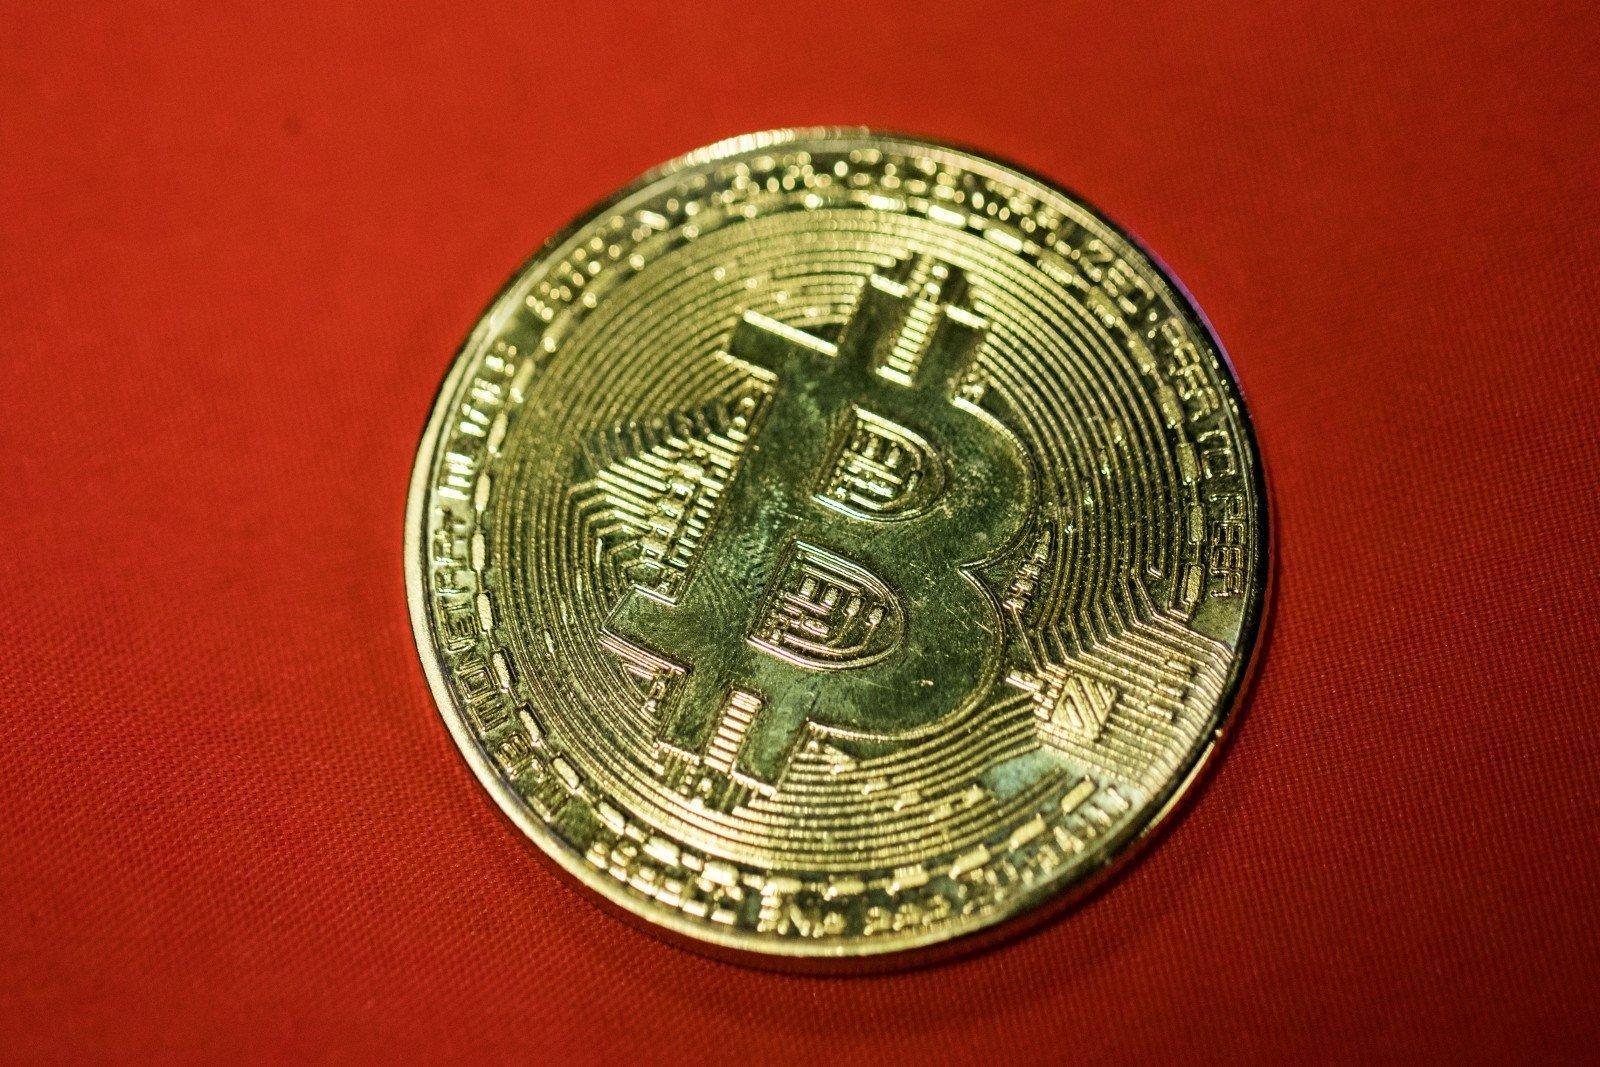 Bitkoinas atidalintas: išsikasti nuo šiol bus sunkiau - Verslo žinios